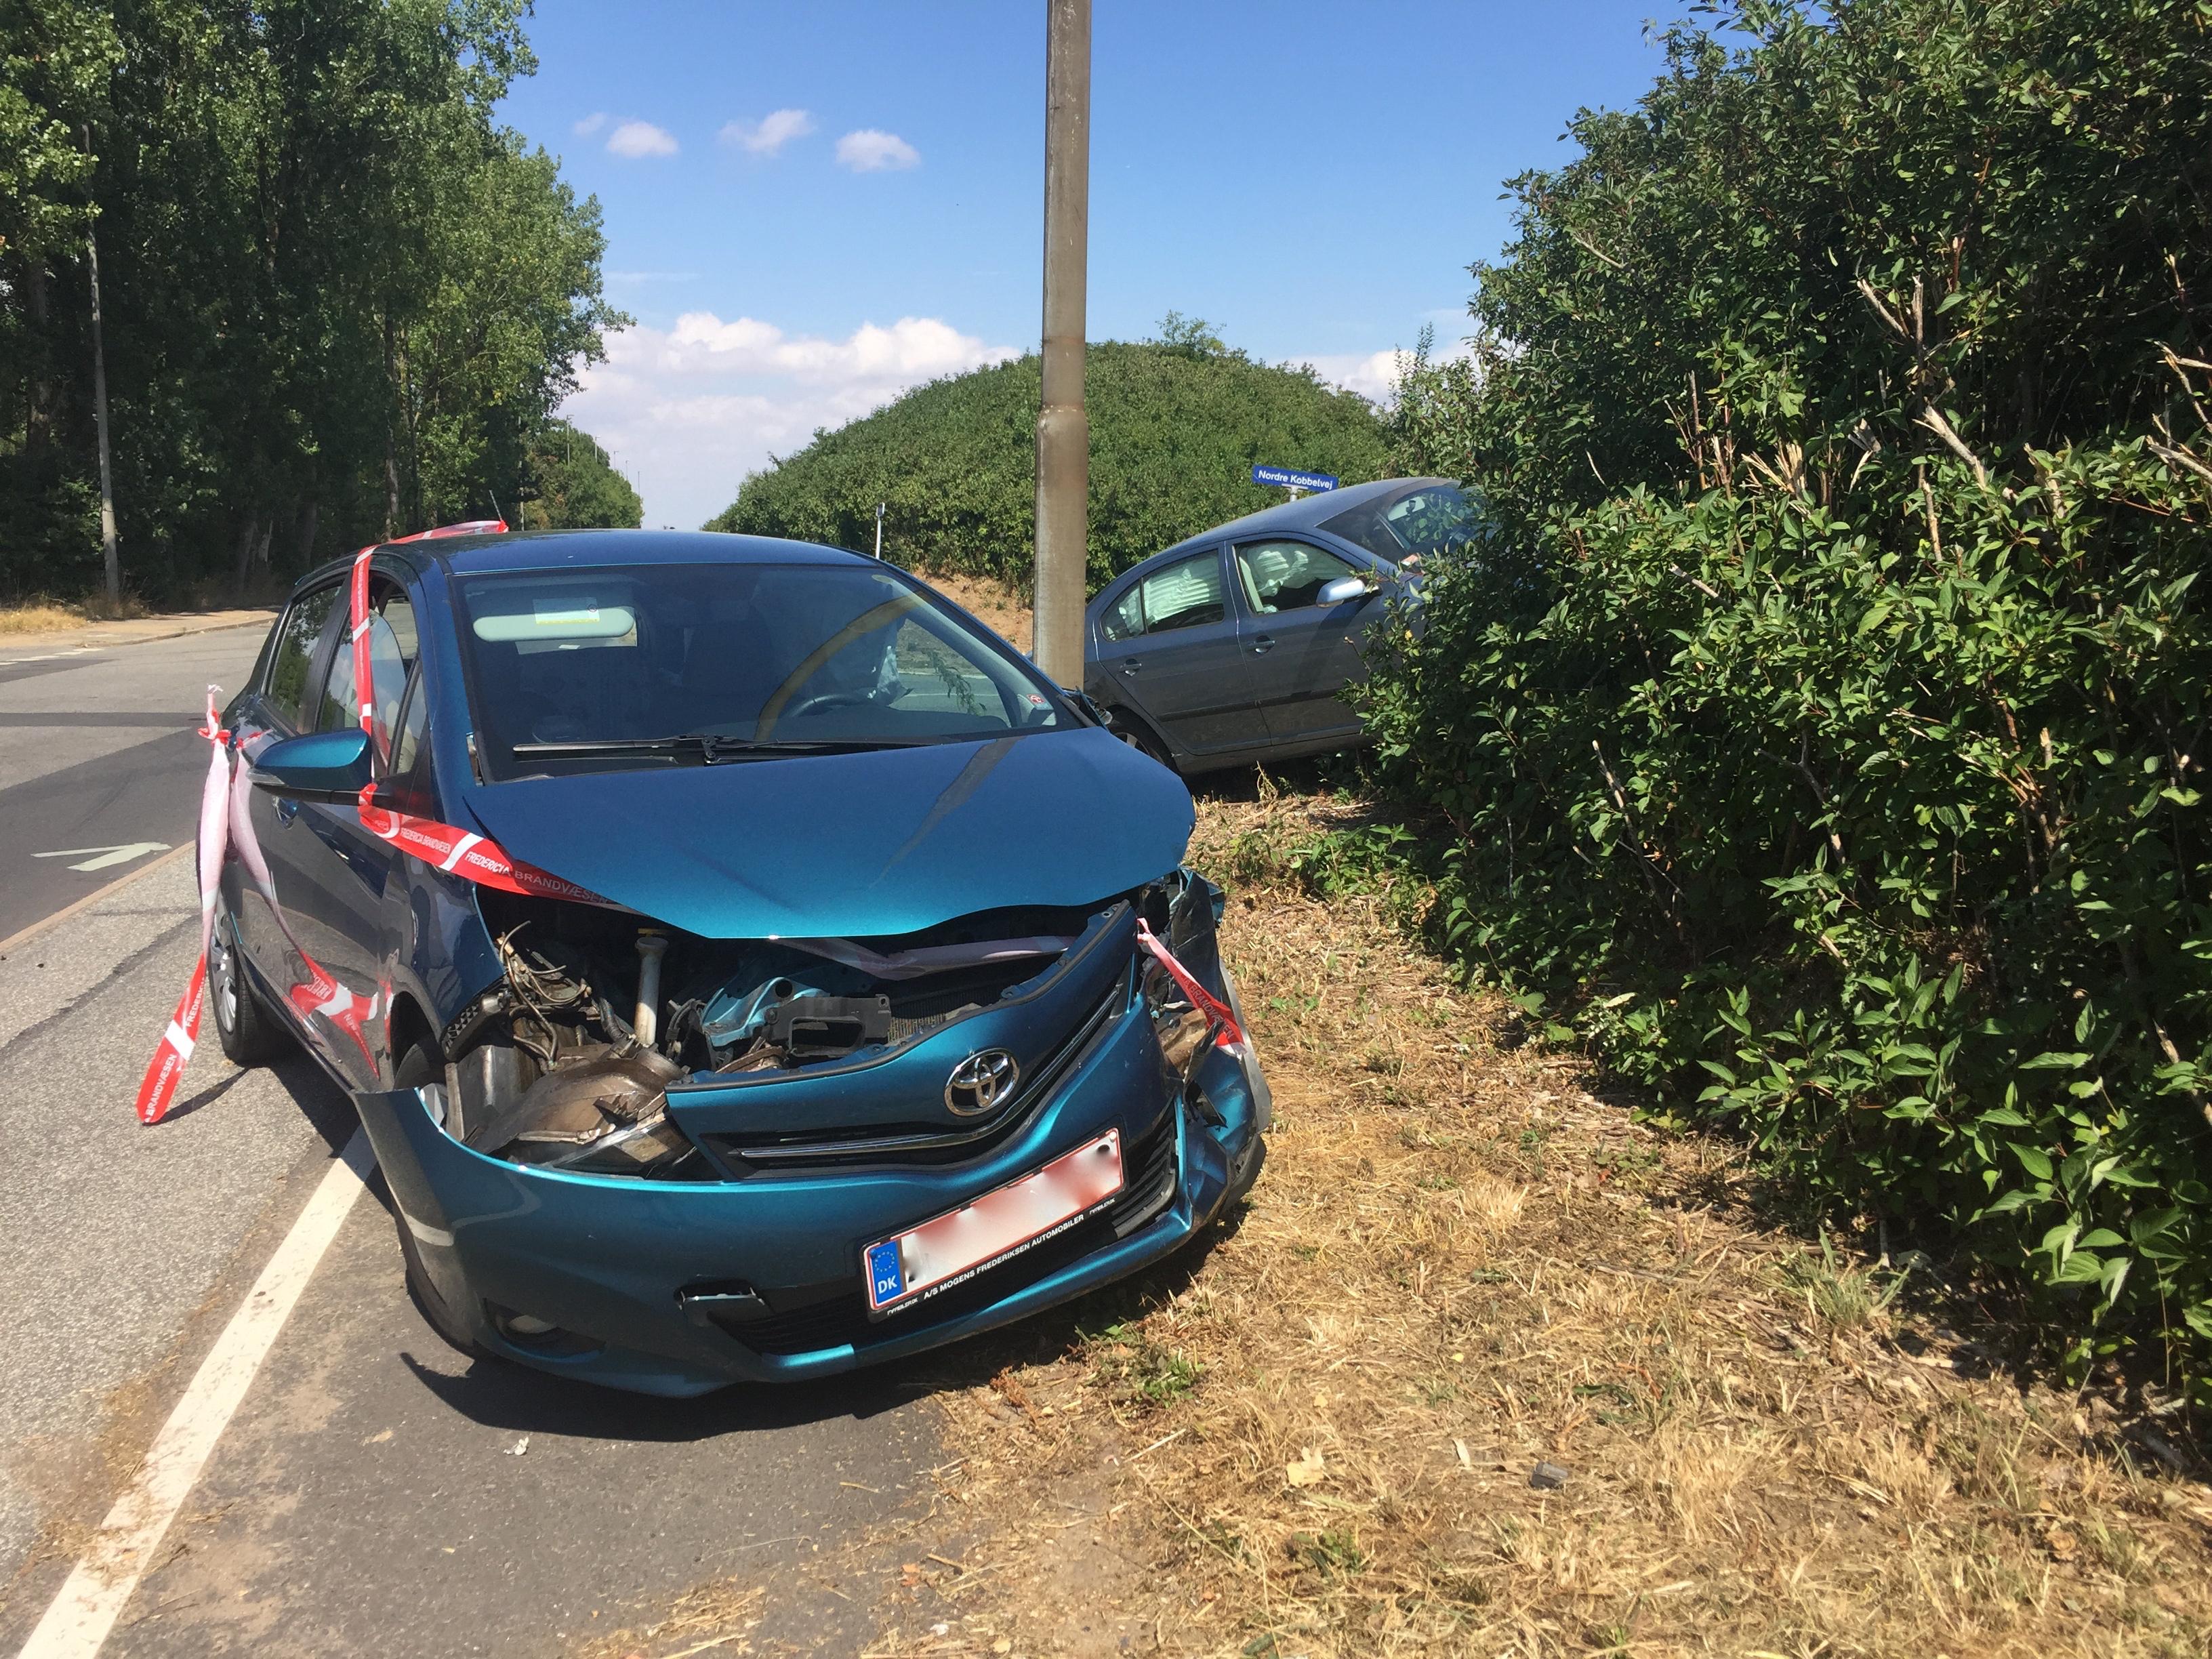 Lidt færre tilskadekomne i trafikken i april end normalt